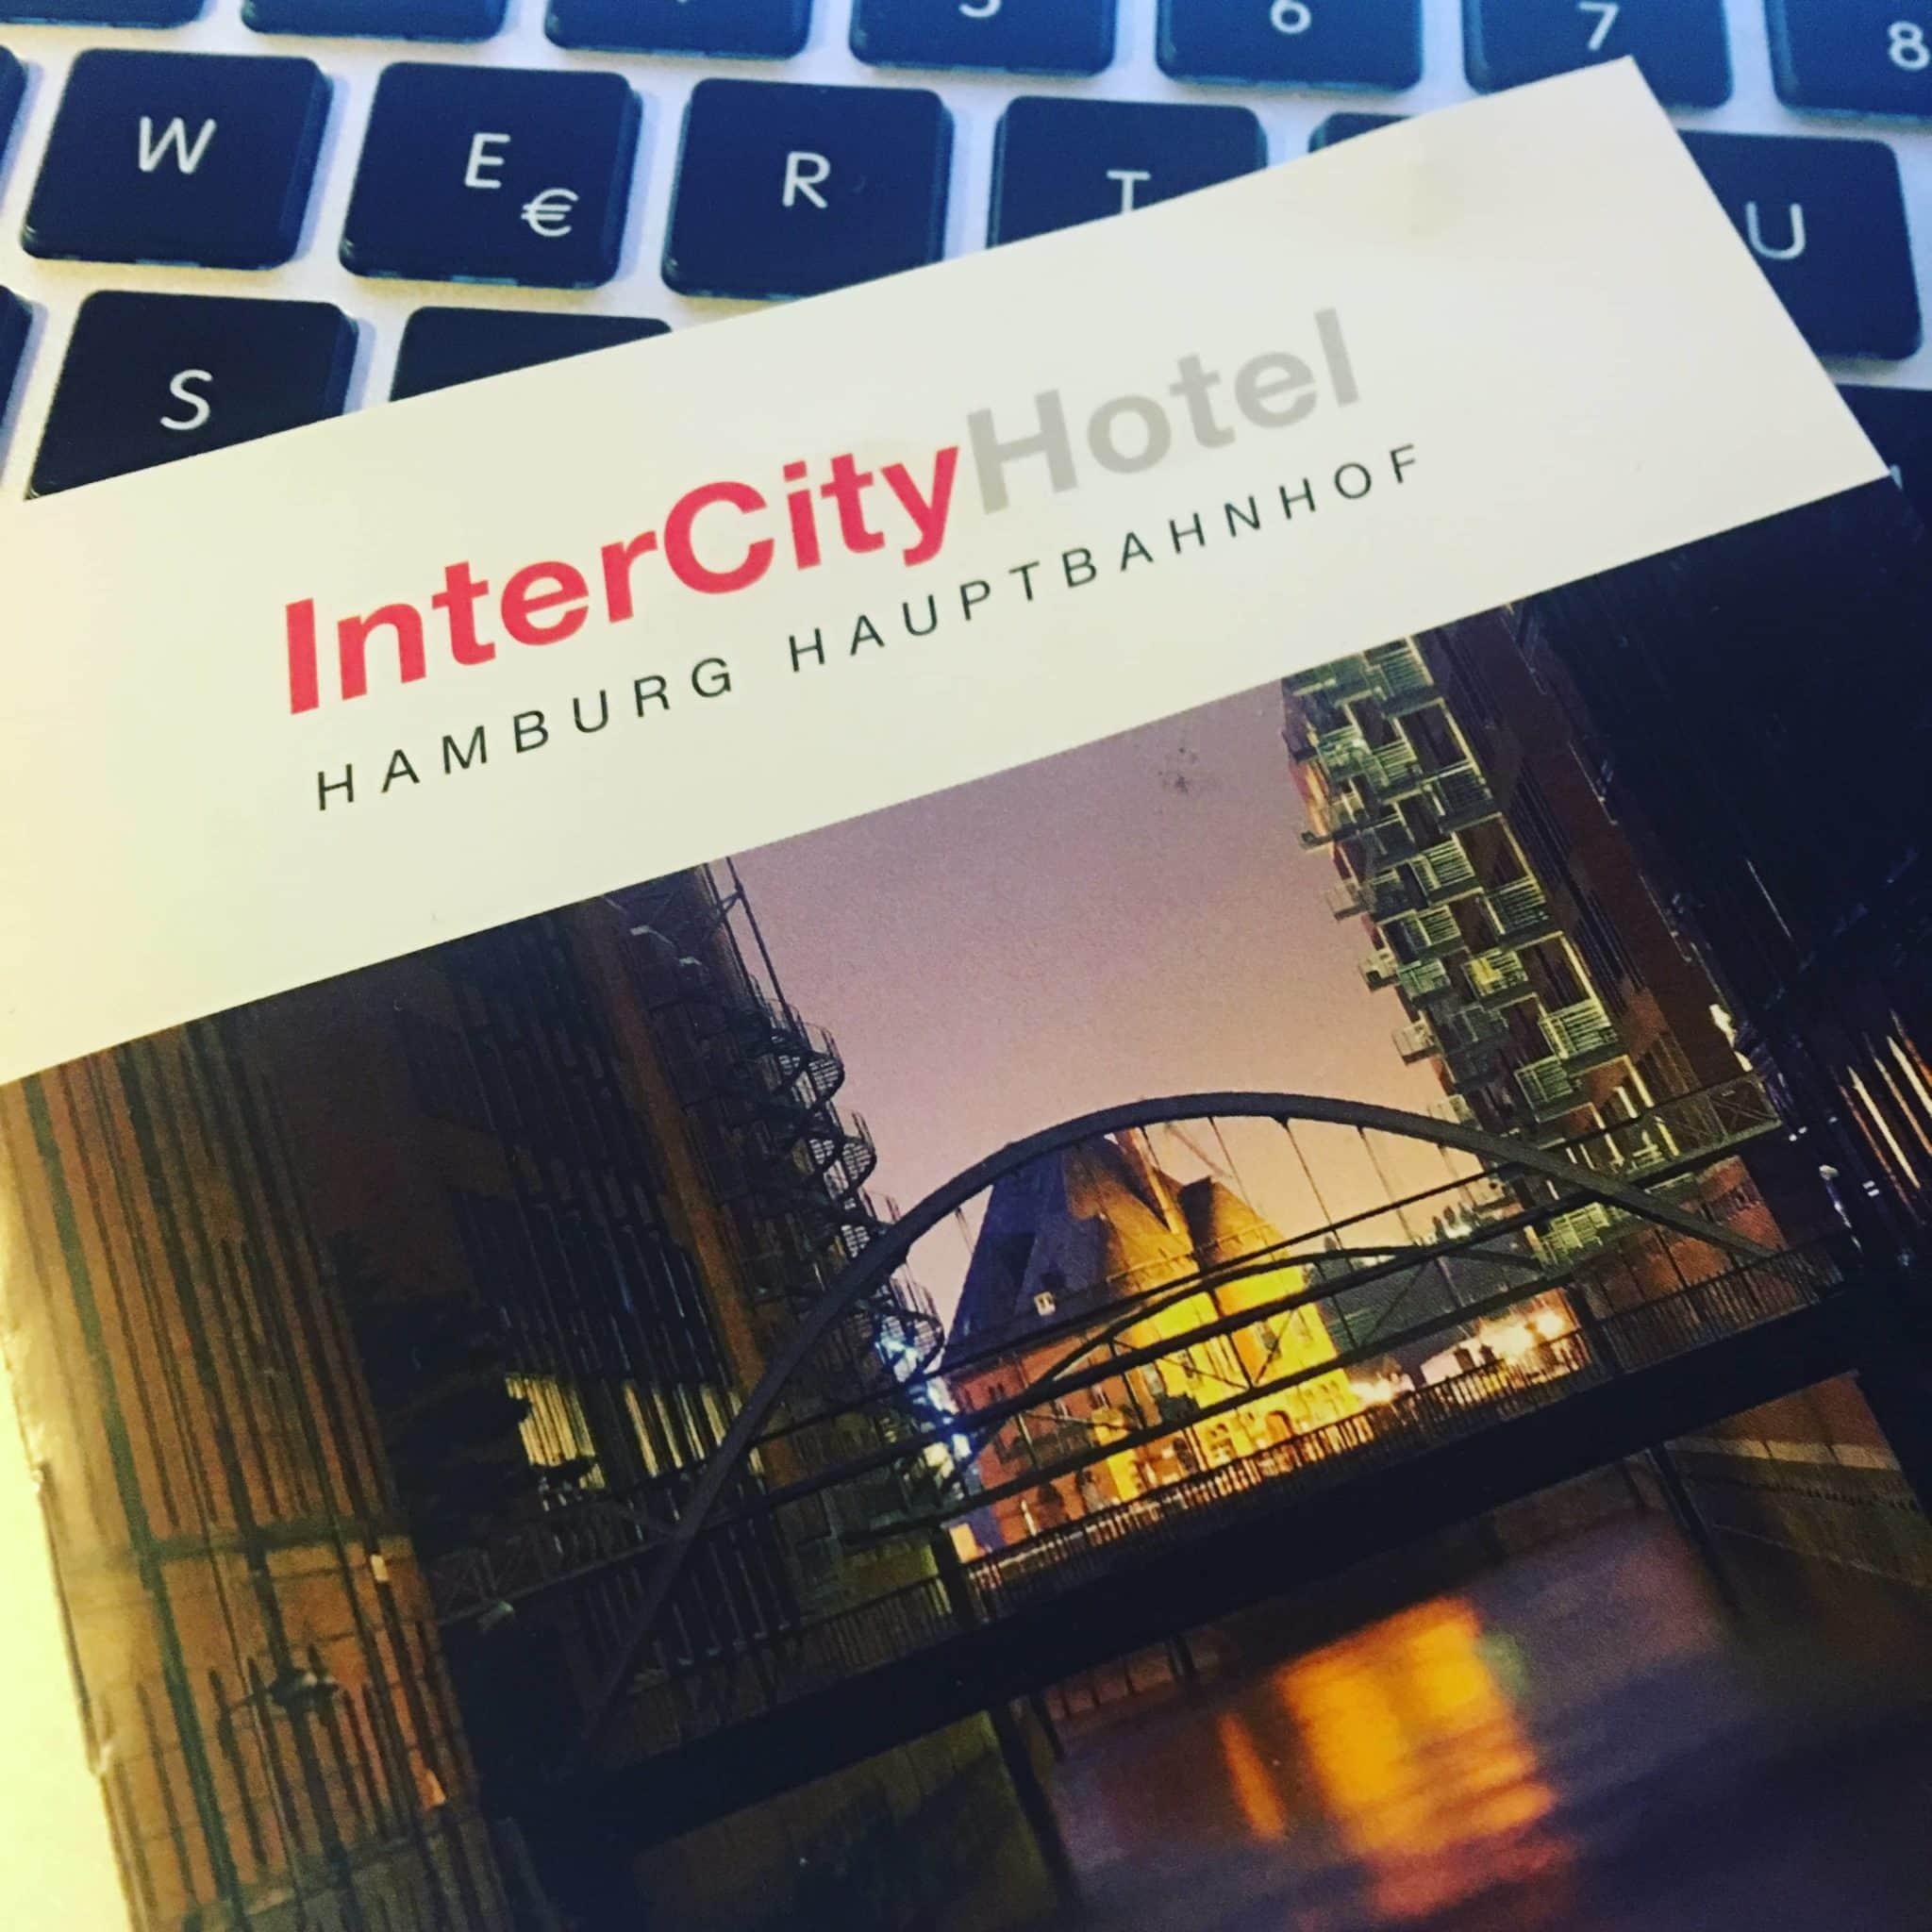 InterCity Hotel Hamburg Hauptbahnhof: WLAN? Nein, eine Zumutung!